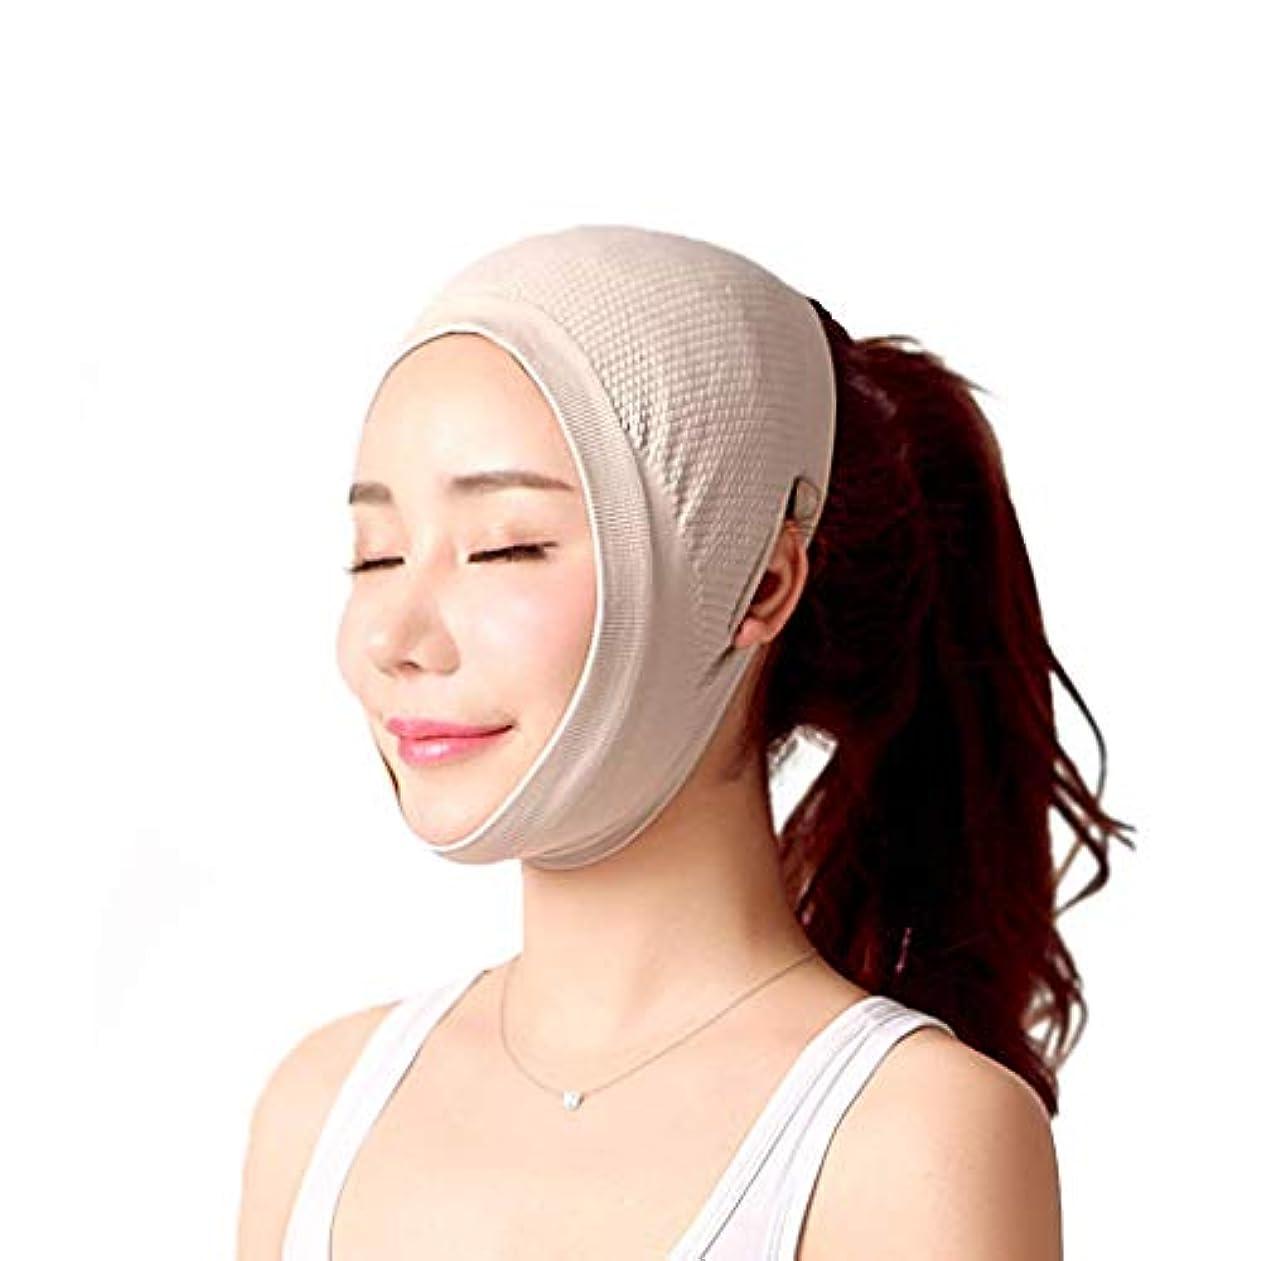 パトロールおとうさん支援する顔痩身包帯、二重あご、二重あごを減らすために顔を持ち上げる、顔を引き締める、体重を減らすためのマスク(ワンサイズ)